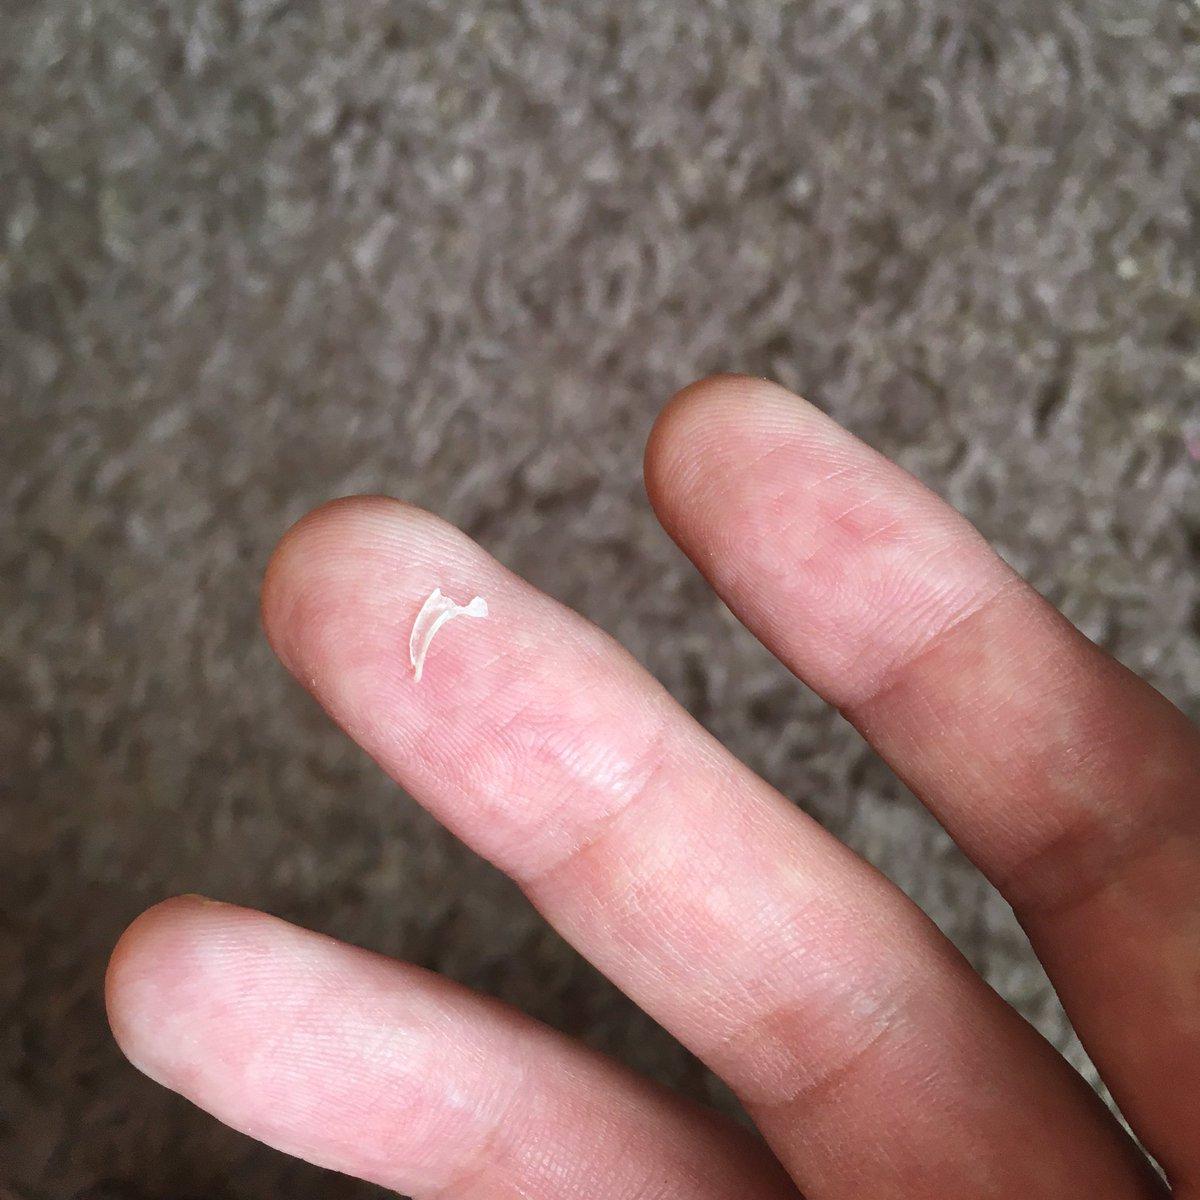 掃除してたら猫の爪、発見。前、歯が落ちてたこともあったなあ。